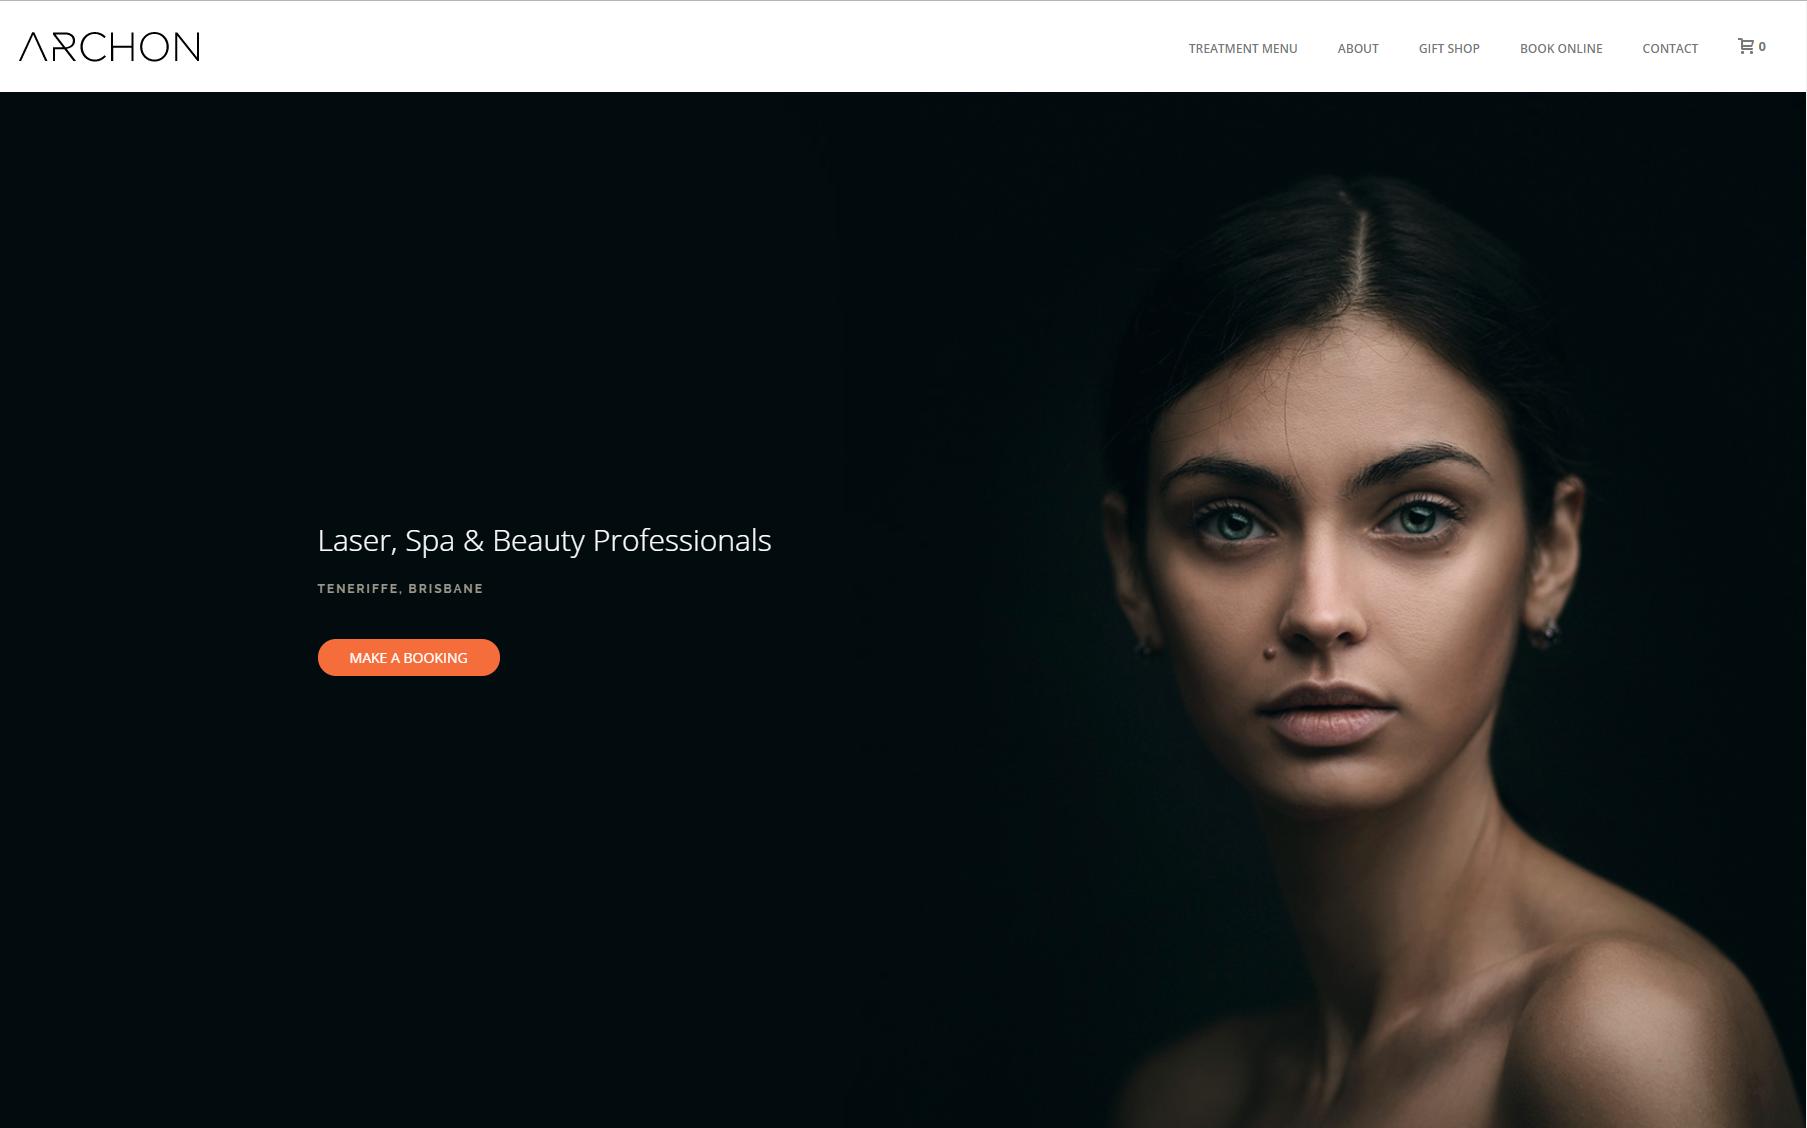 Пример впечатляющего минимализма дизайна сайта